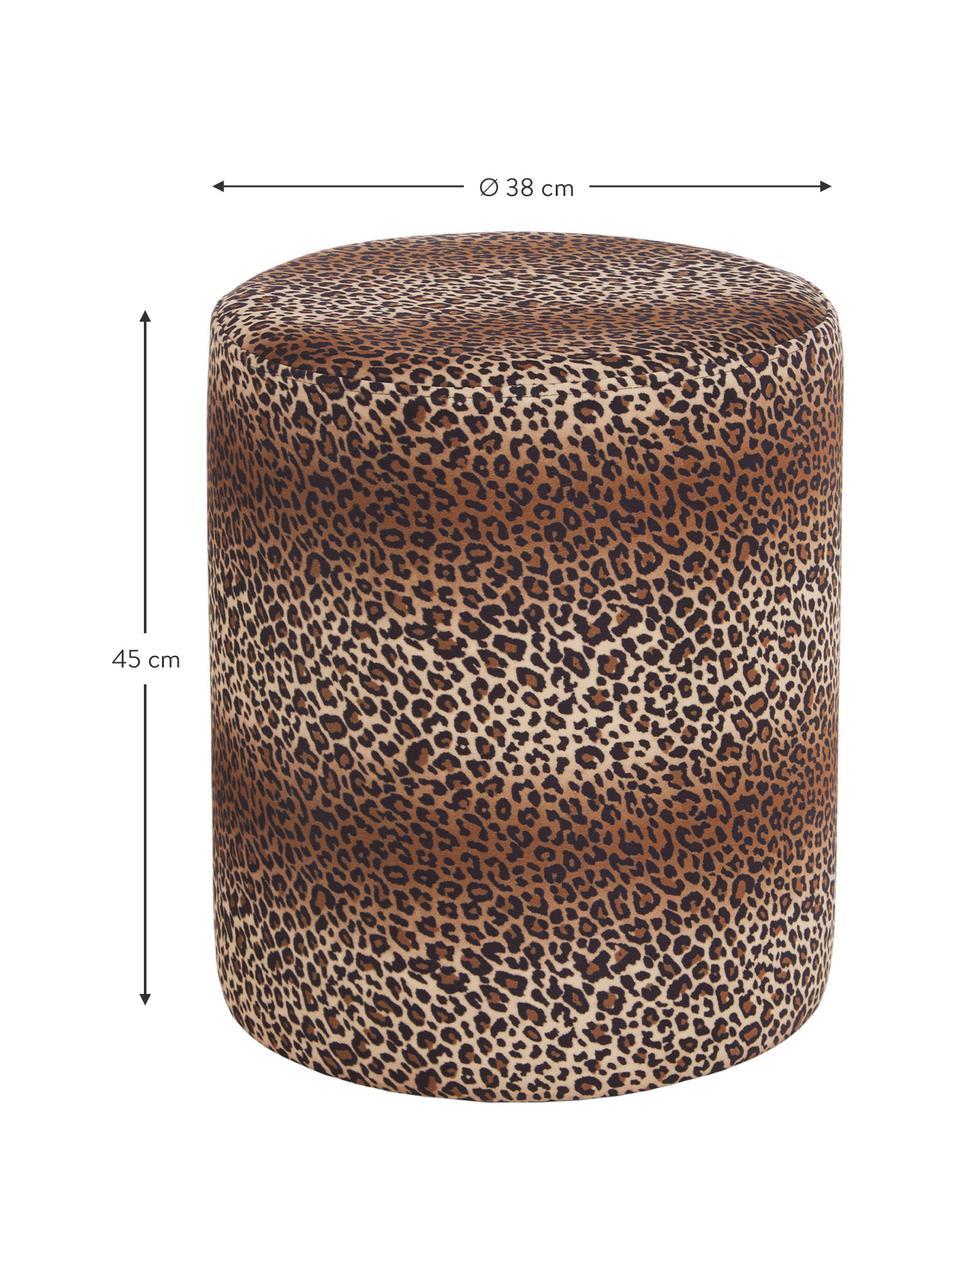 Samt-Hocker Daisy mit braunem Leo-Muster, Bezug: Samt (Polyester) Der hoch, Rahmen: Sperrholz, Braun, Ø 38 x H 45 cm